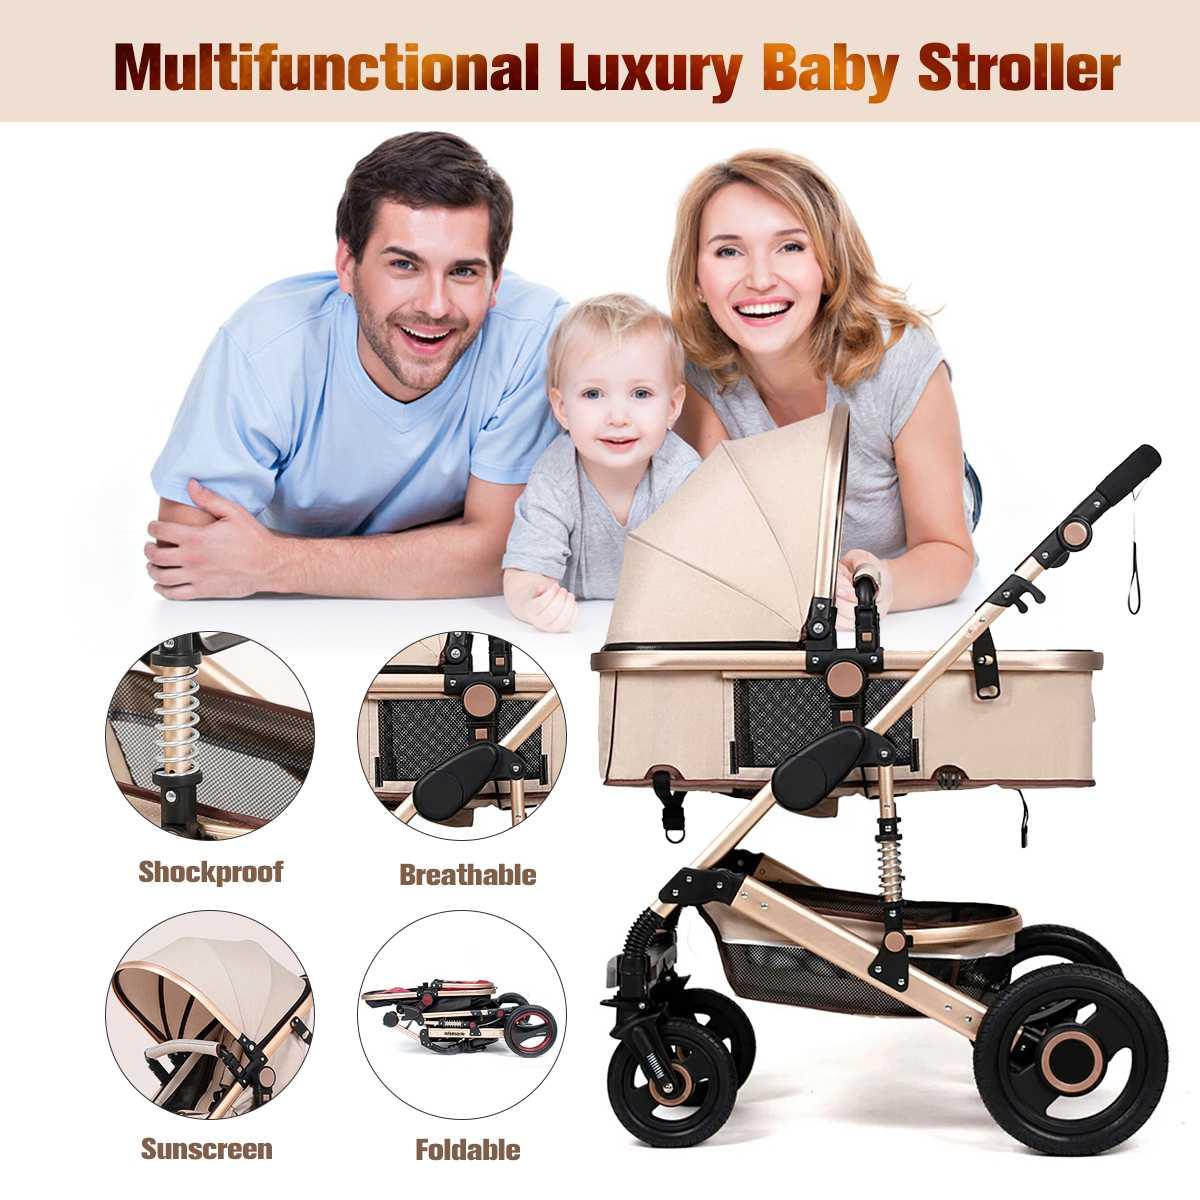 25 KG 8IN1 luxe bébé landau poussette poussette réversible poussette siège auto nacelle voyage système Buggy + FREEBIES